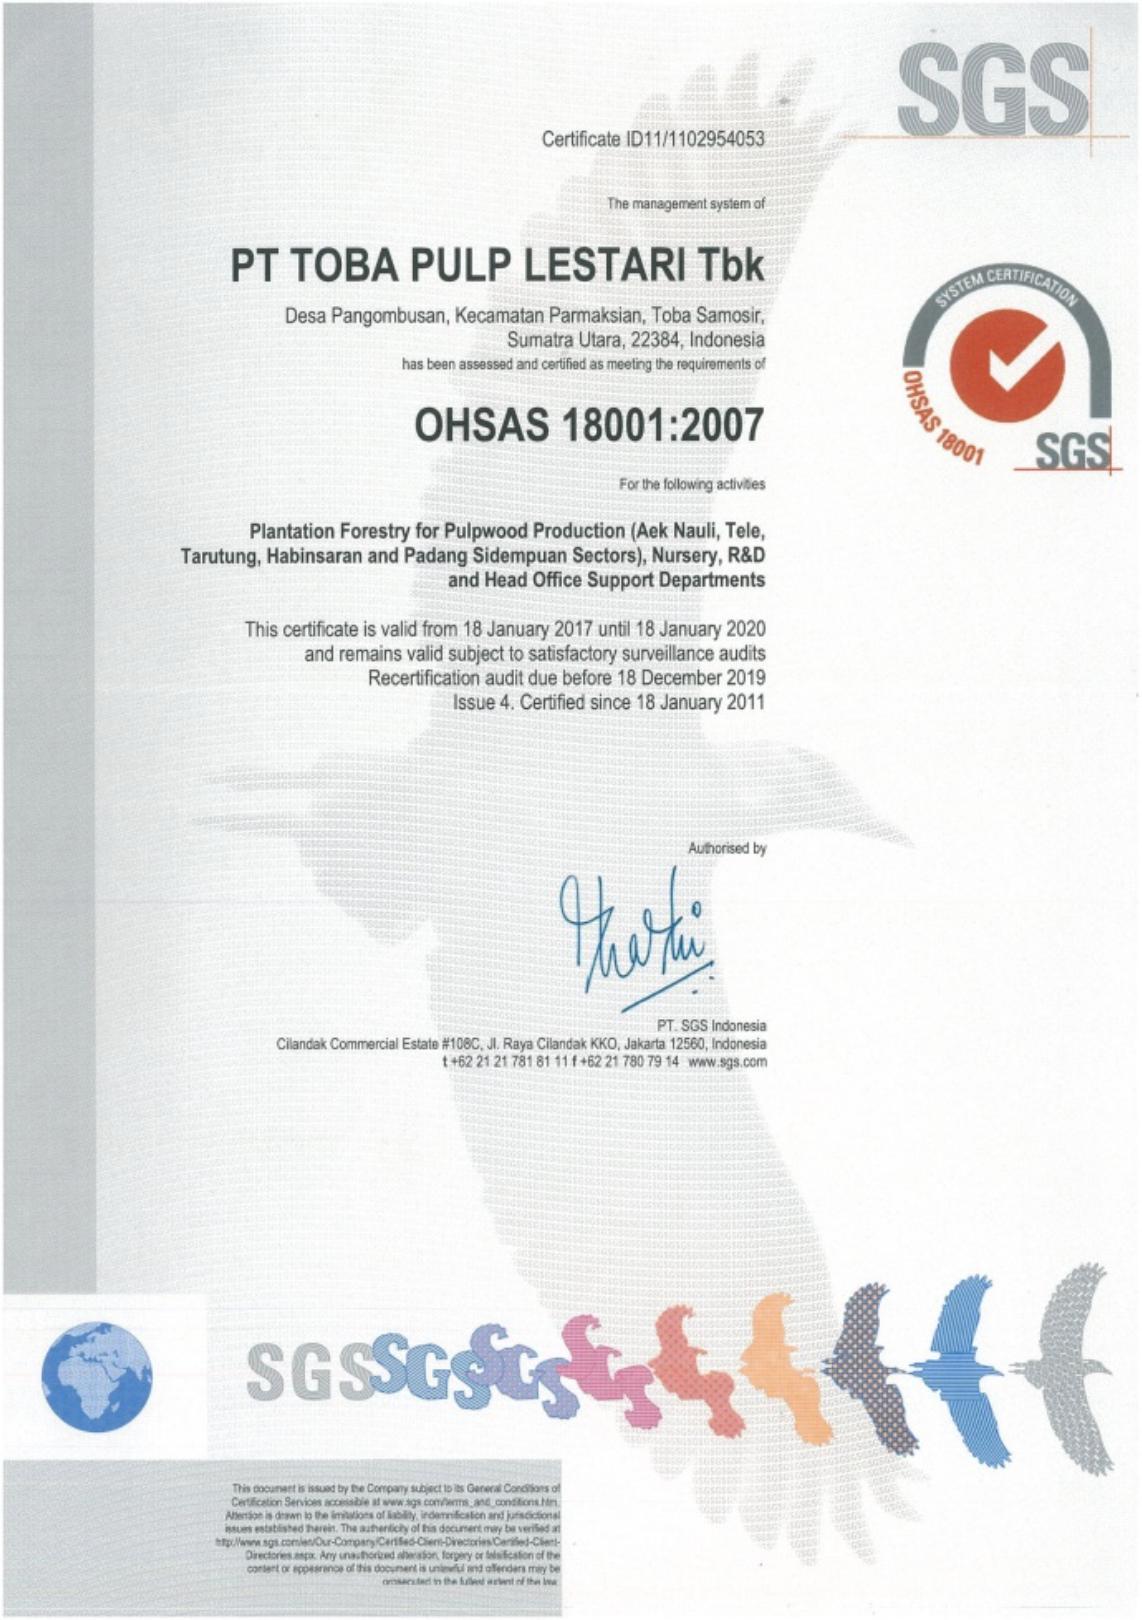 OHSAS 18001,2007